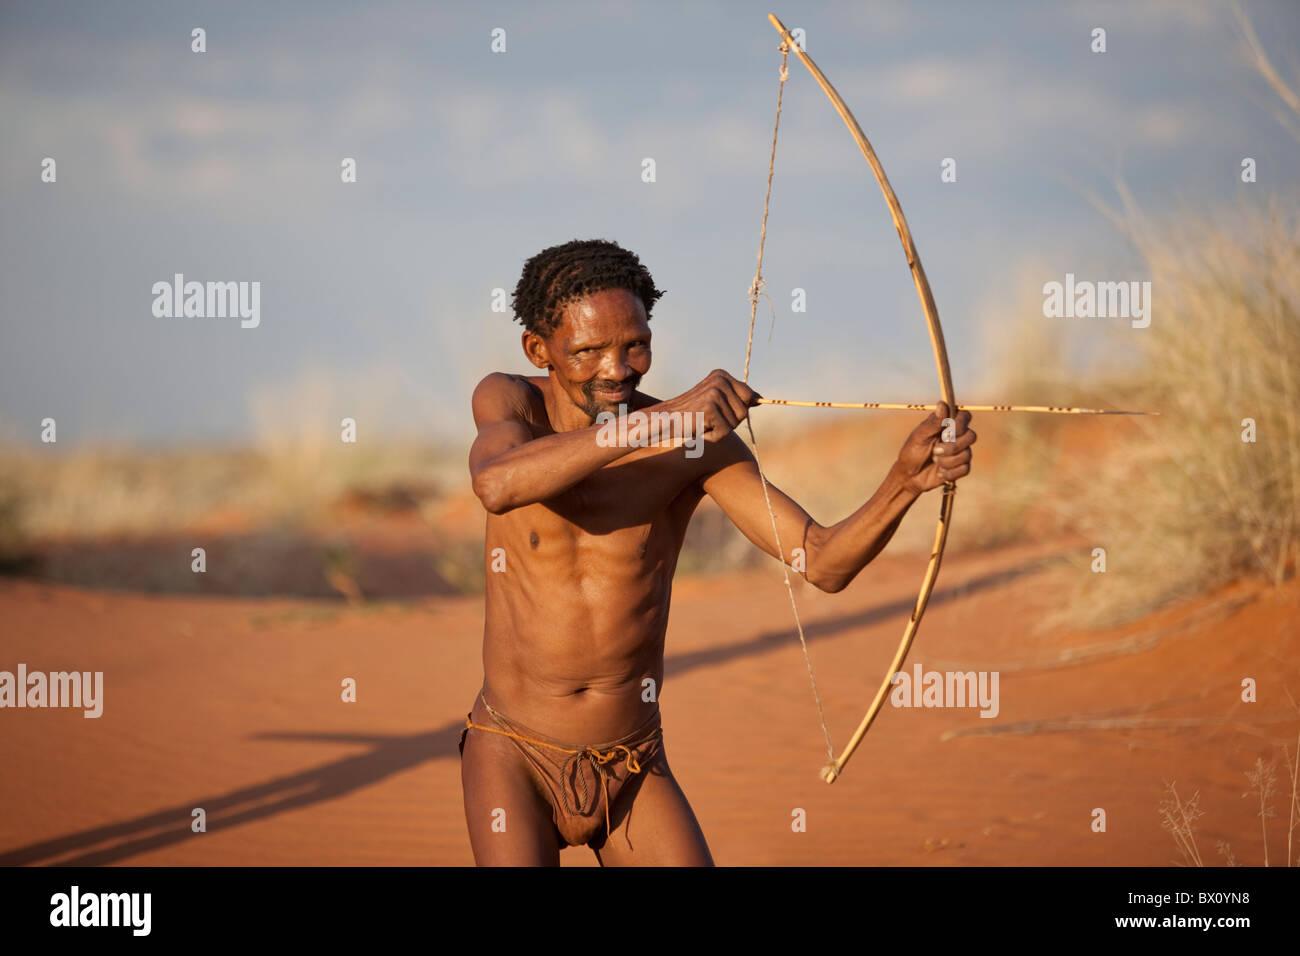 San Bushman on the Dunes of the Kalahari. - Stock Image